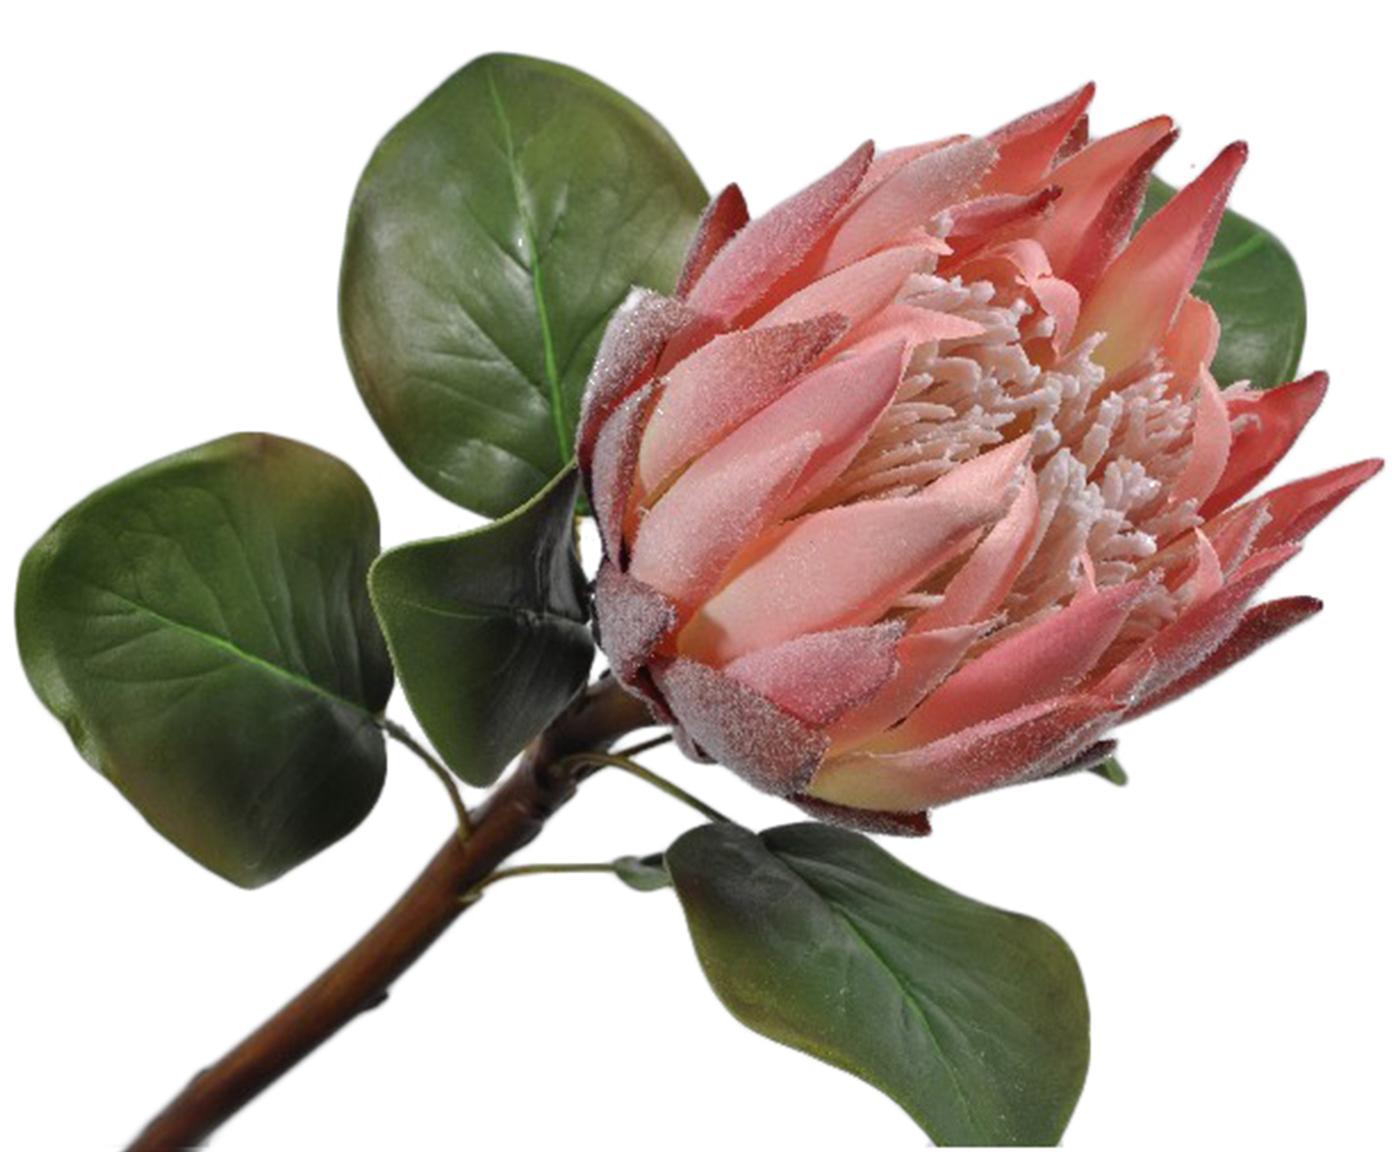 Sztuczny kwiat srebrnika Zenia, Polistyren, poliester, Zielony, różowy, D 60 cm